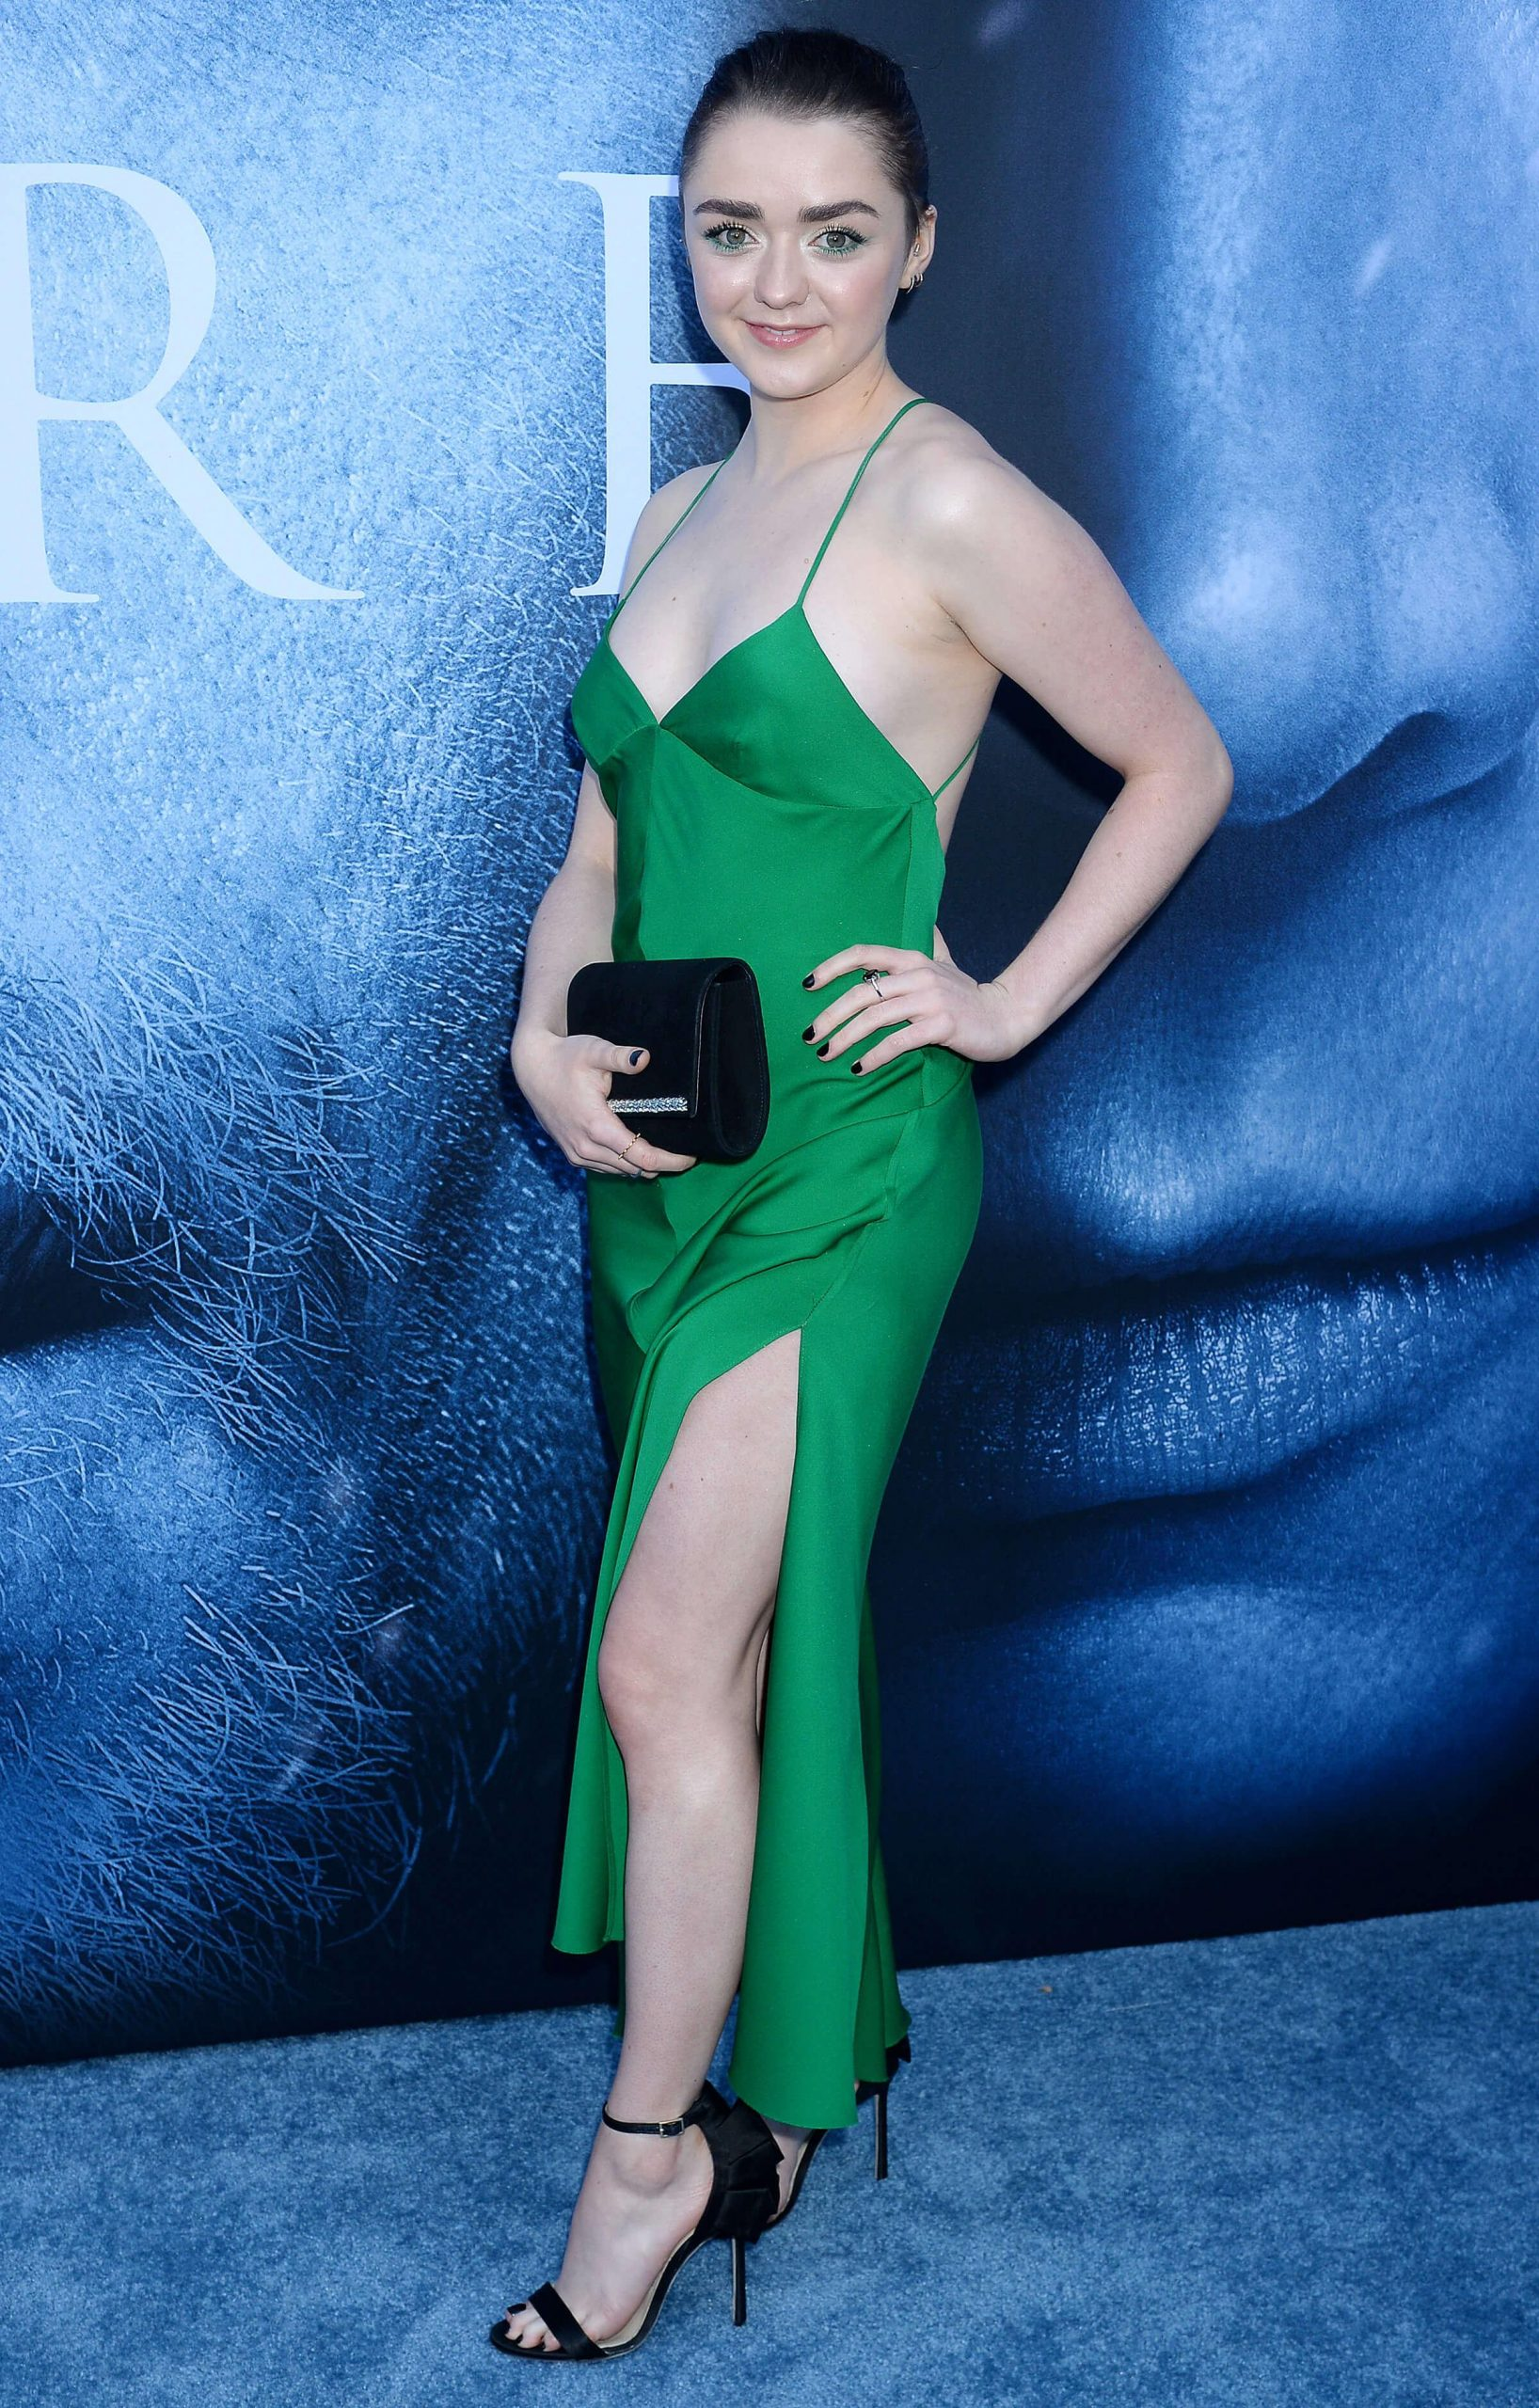 Maisie Williams hot pics